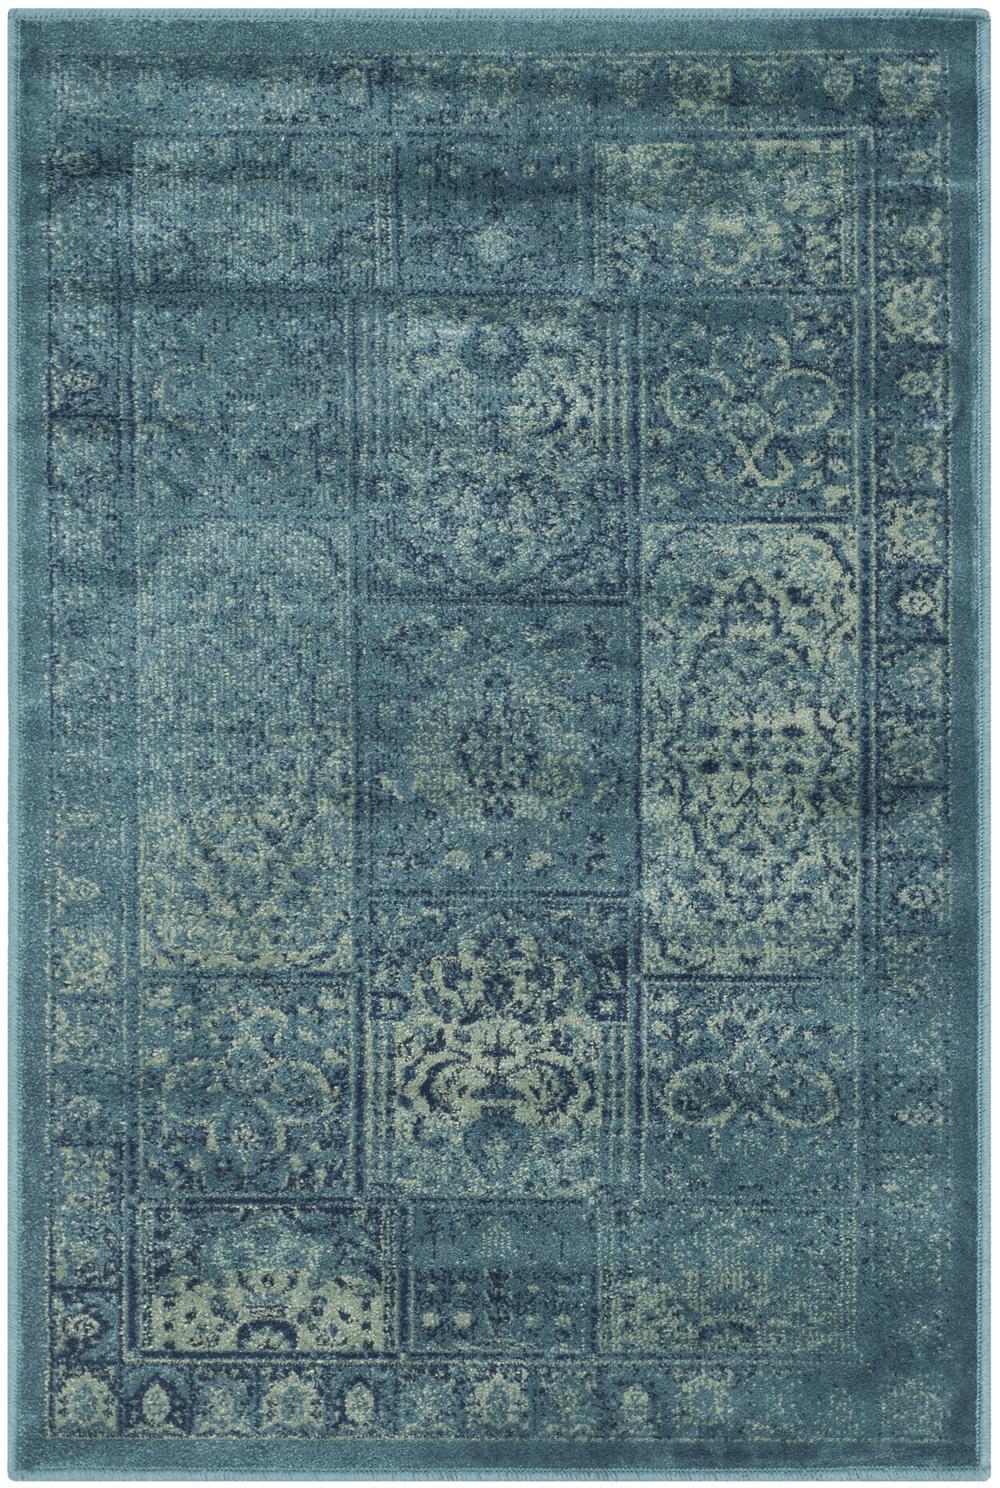 Safavieh Vintage Vtg127 2220 Turquoise And Multi Area Rug